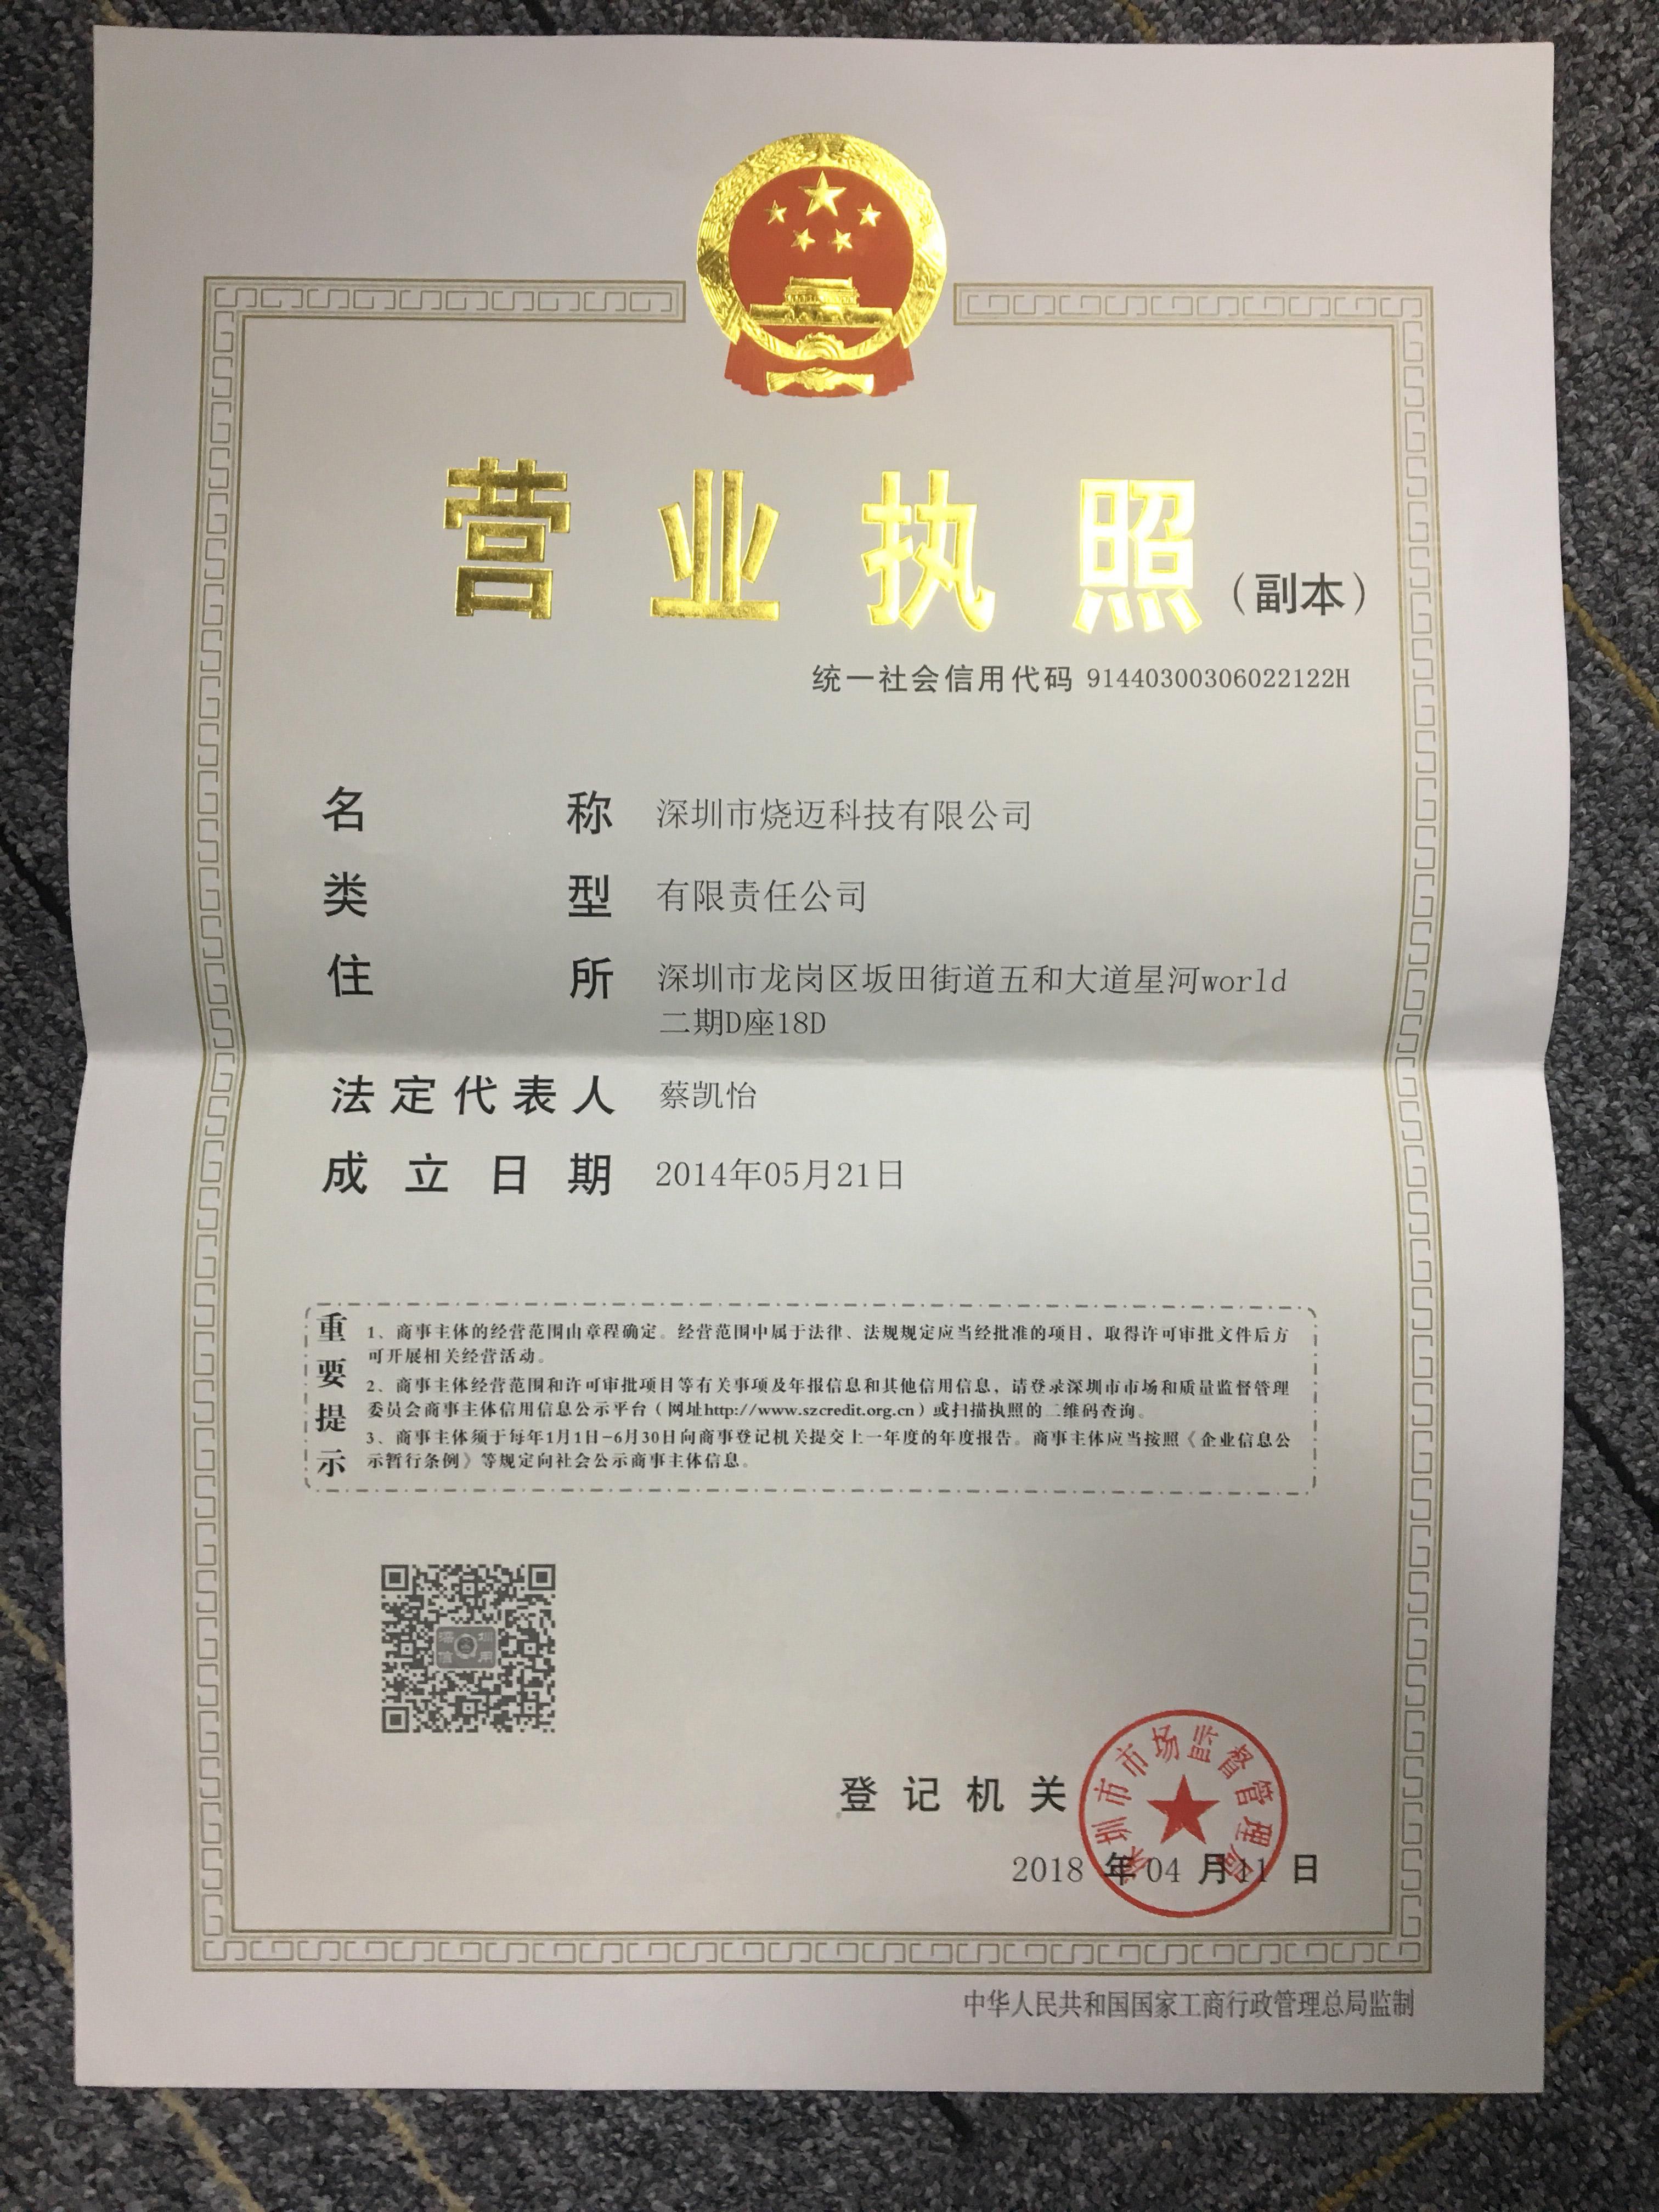 深圳市烧迈科技有限公司